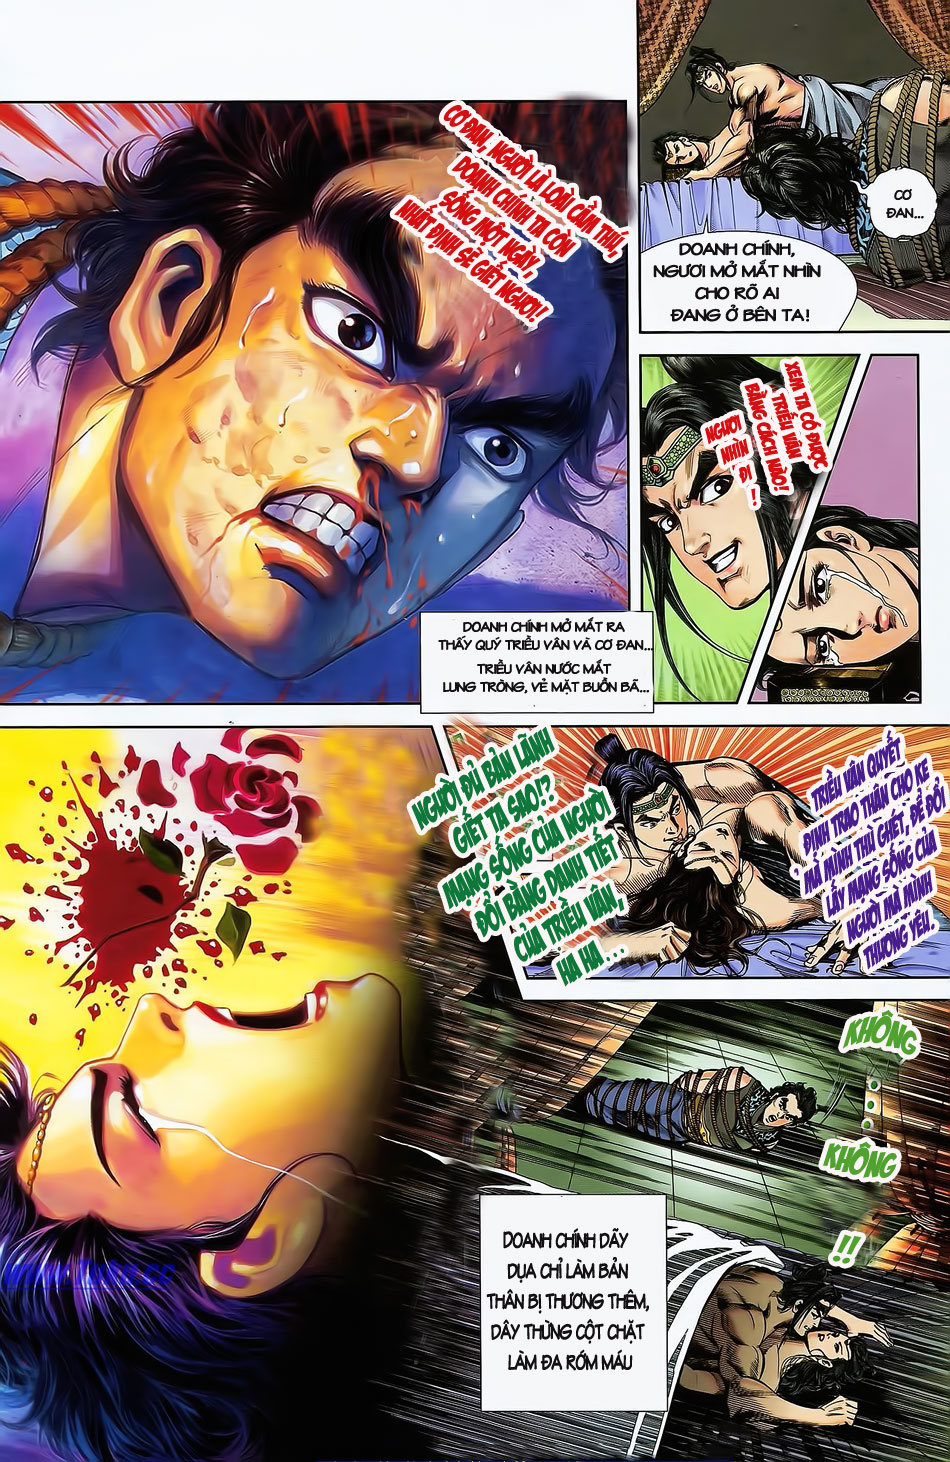 Tần Vương Doanh Chính chapter 2 trang 30